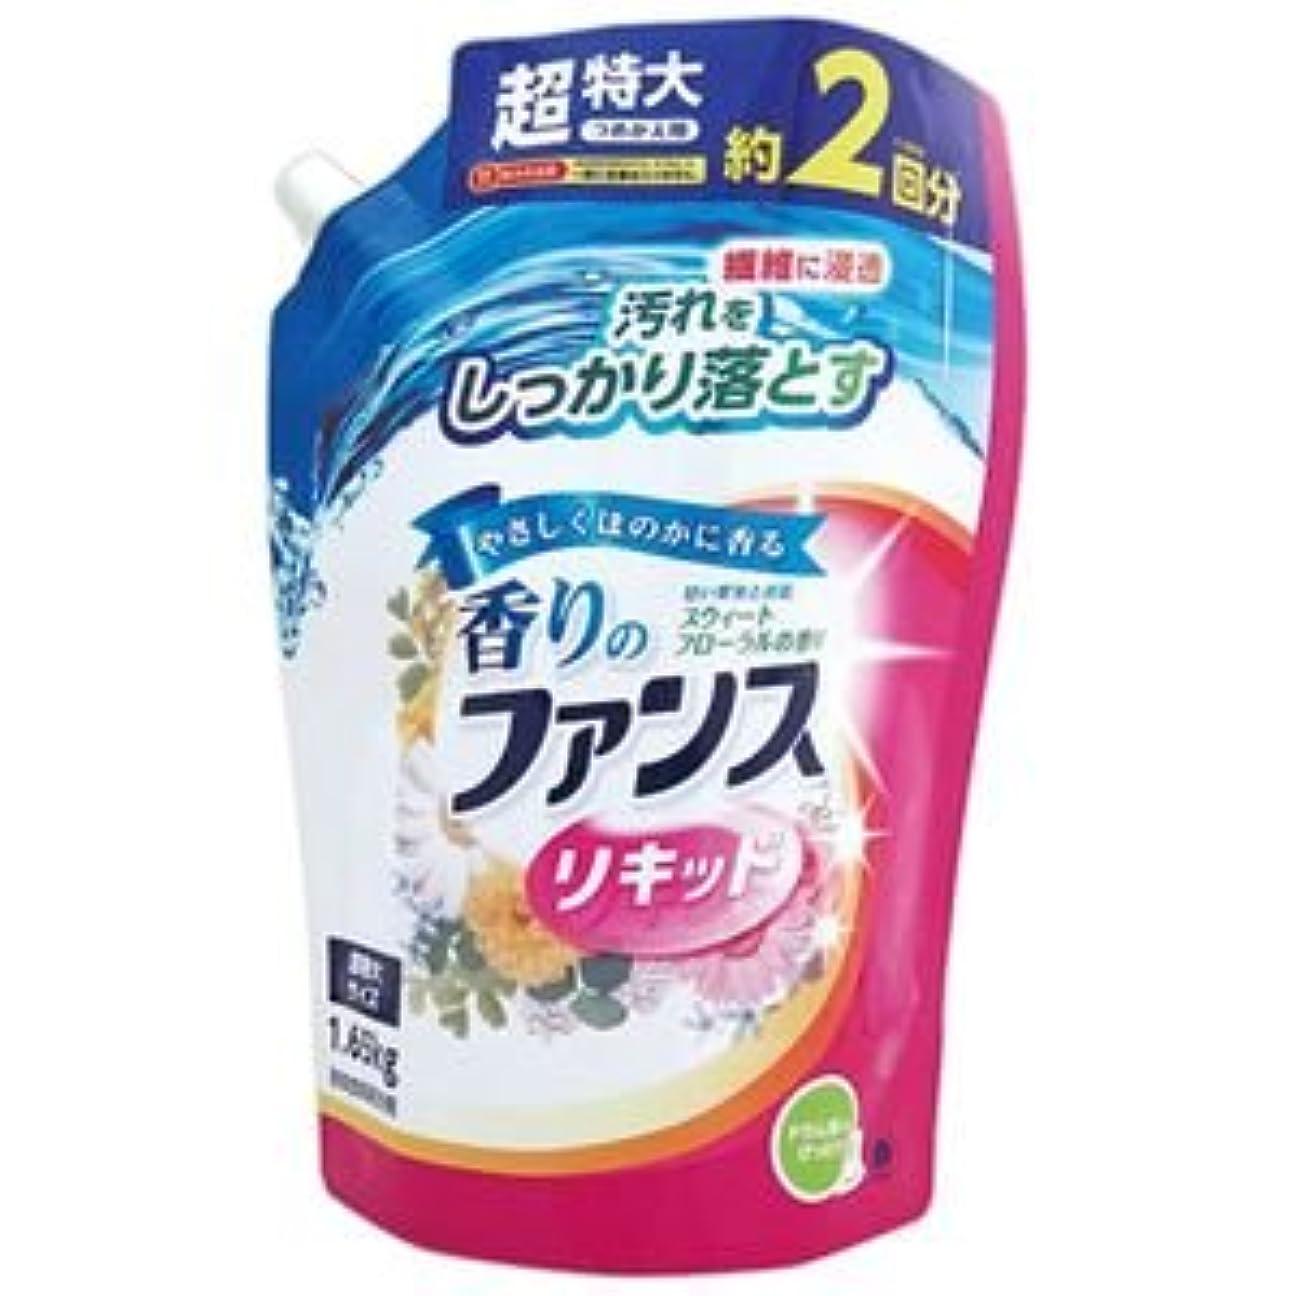 スキル恨み鍔(まとめ) 第一石鹸 香りのファンス 液体衣料用洗剤リキッド 詰替用 1.65kg 1セット(6個) 【×2セット】